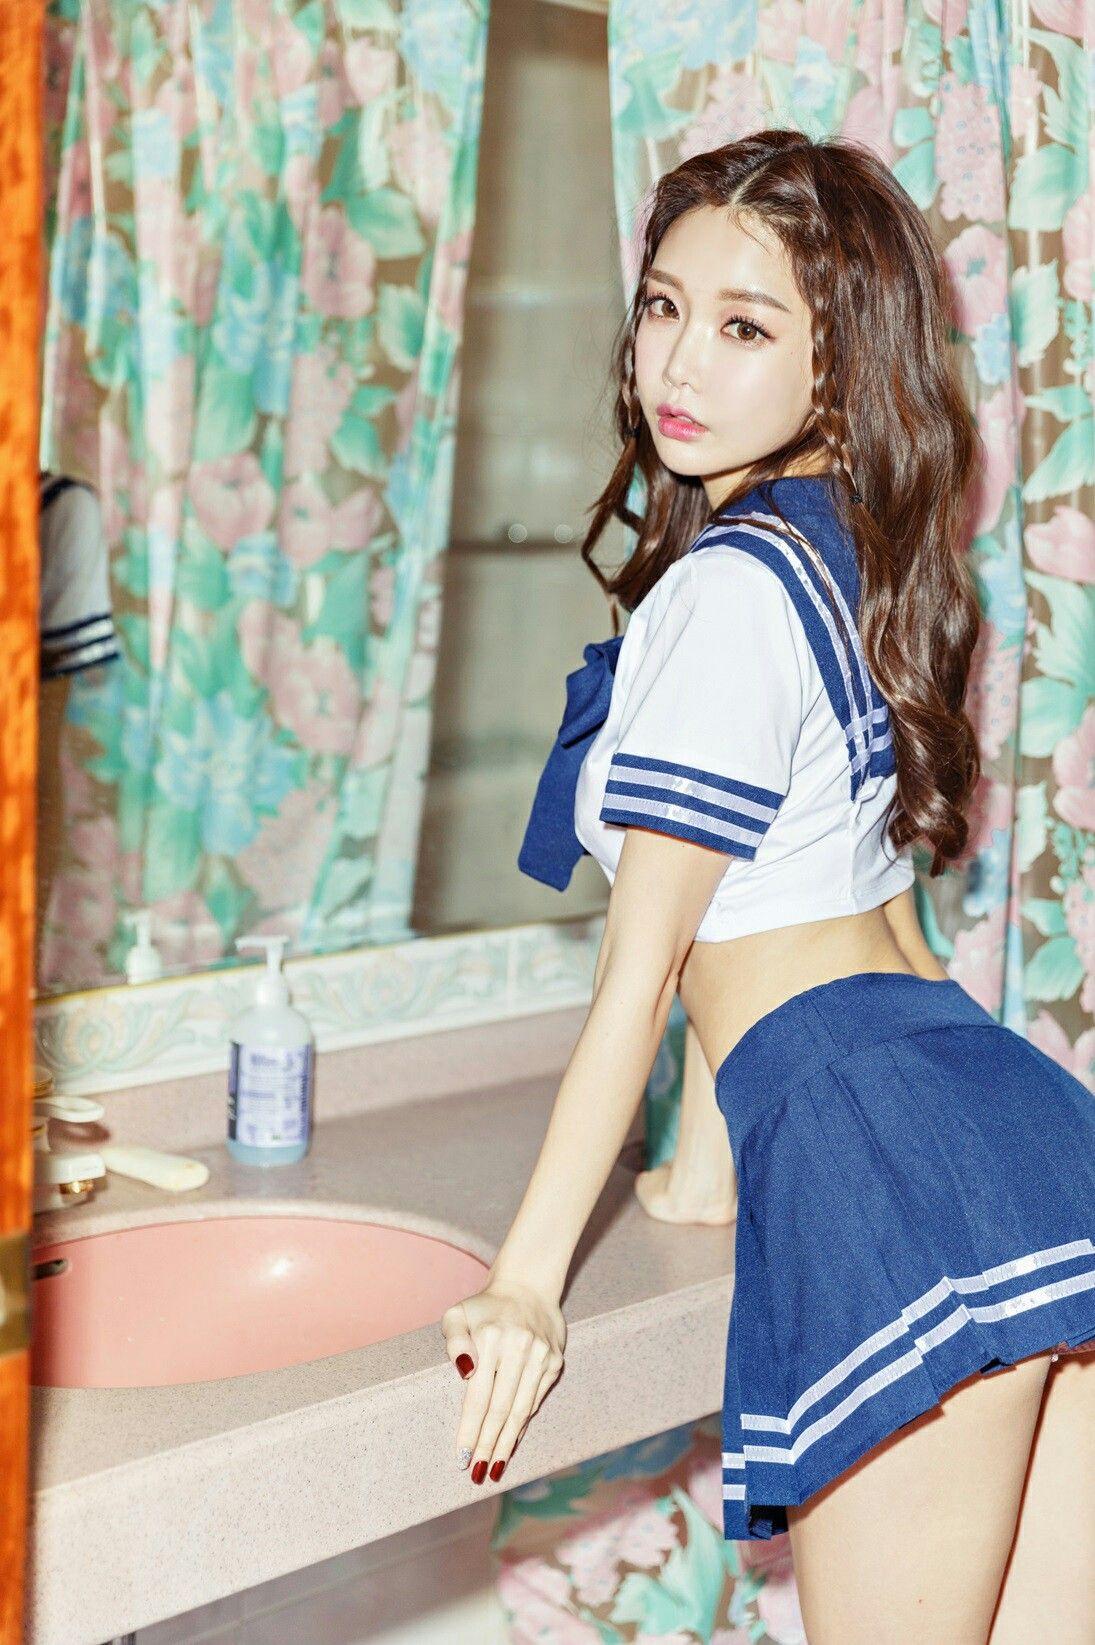 Asiatisch College Mädchen Badezimmer